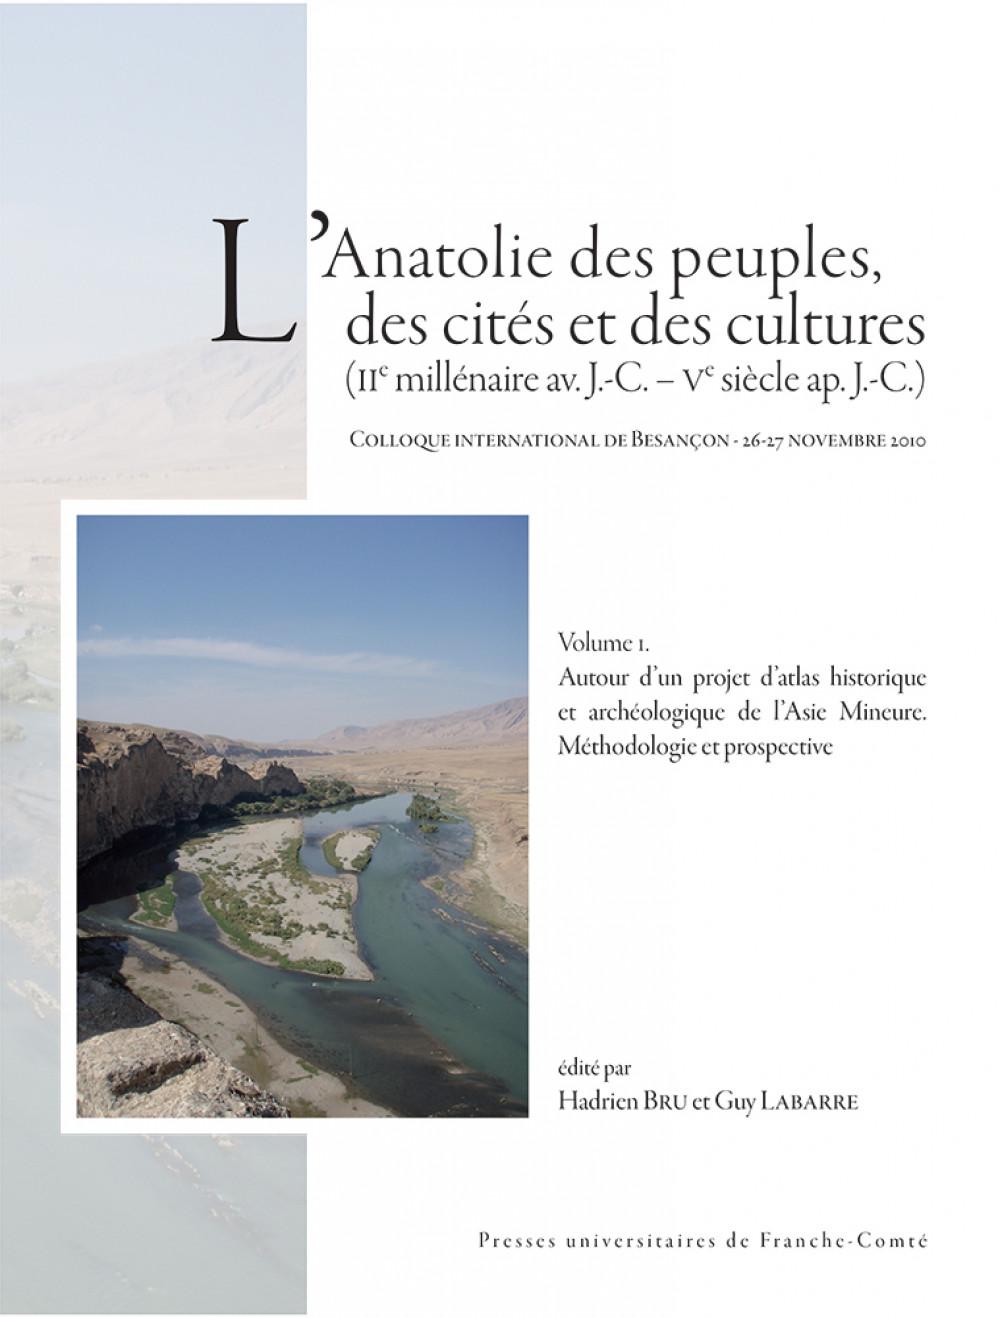 """L'Anatolie des peuples, des cités et des cultures  (<span style=""""font-variant: small-caps"""">II</span><sup>e</sup> millénaire av. J.-C. – <span style=""""font-variant: small-caps"""">V</span><sup>e</sup> siècle ap. J.-C.)"""